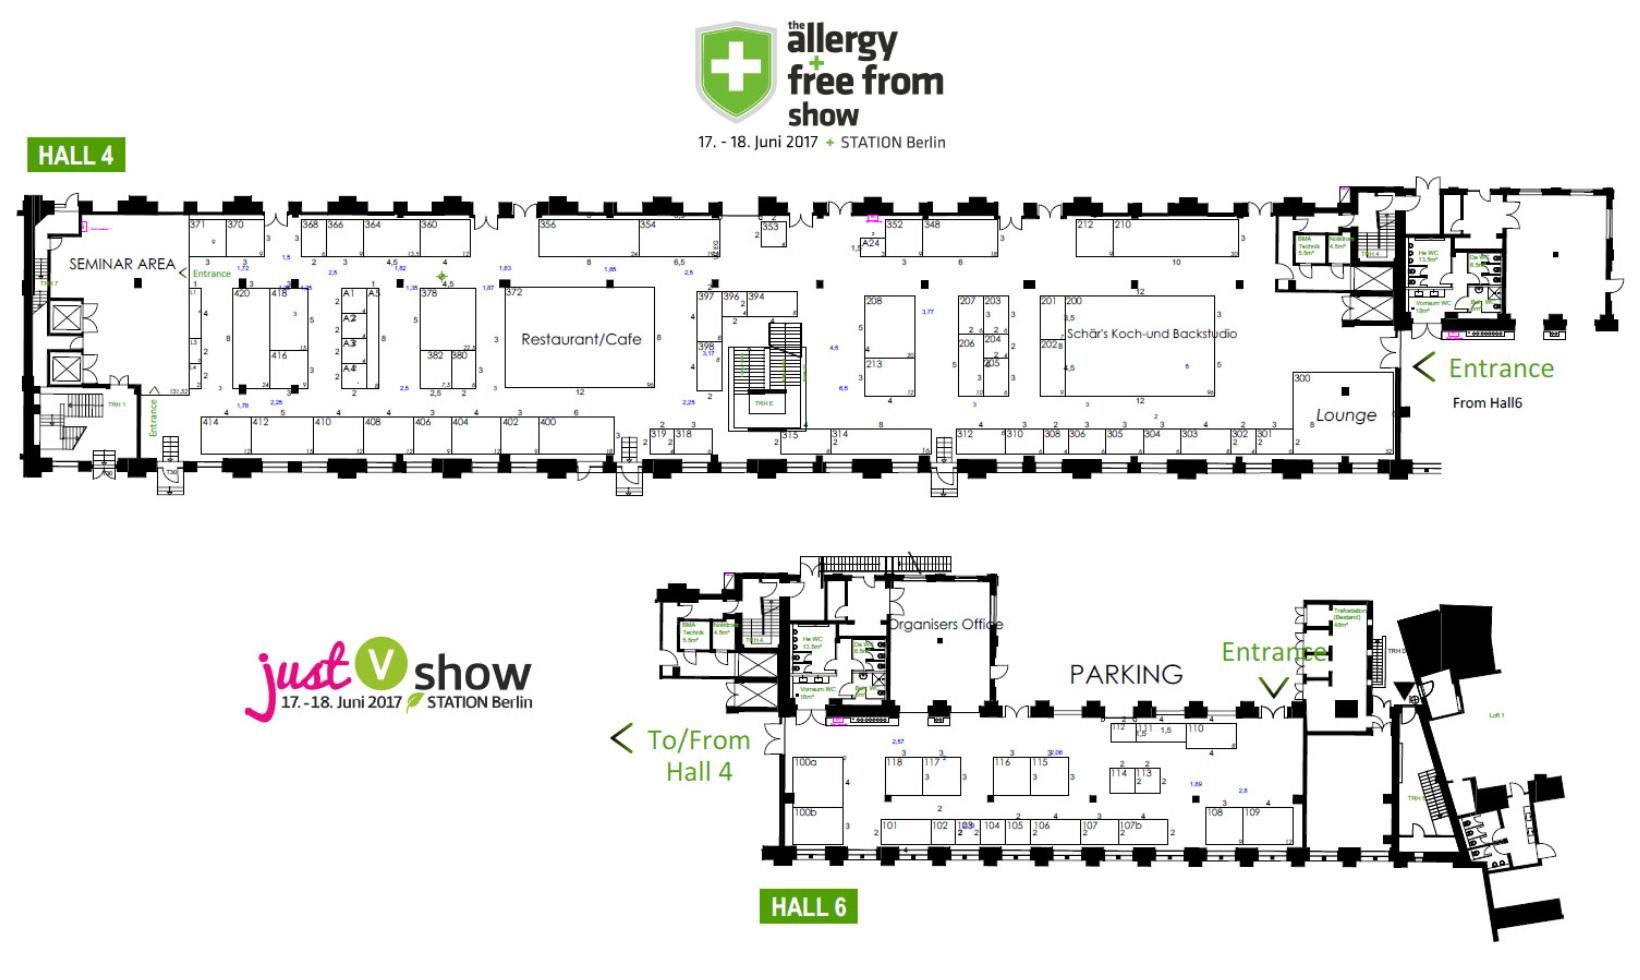 Hallenplan_AllergyShow_2017